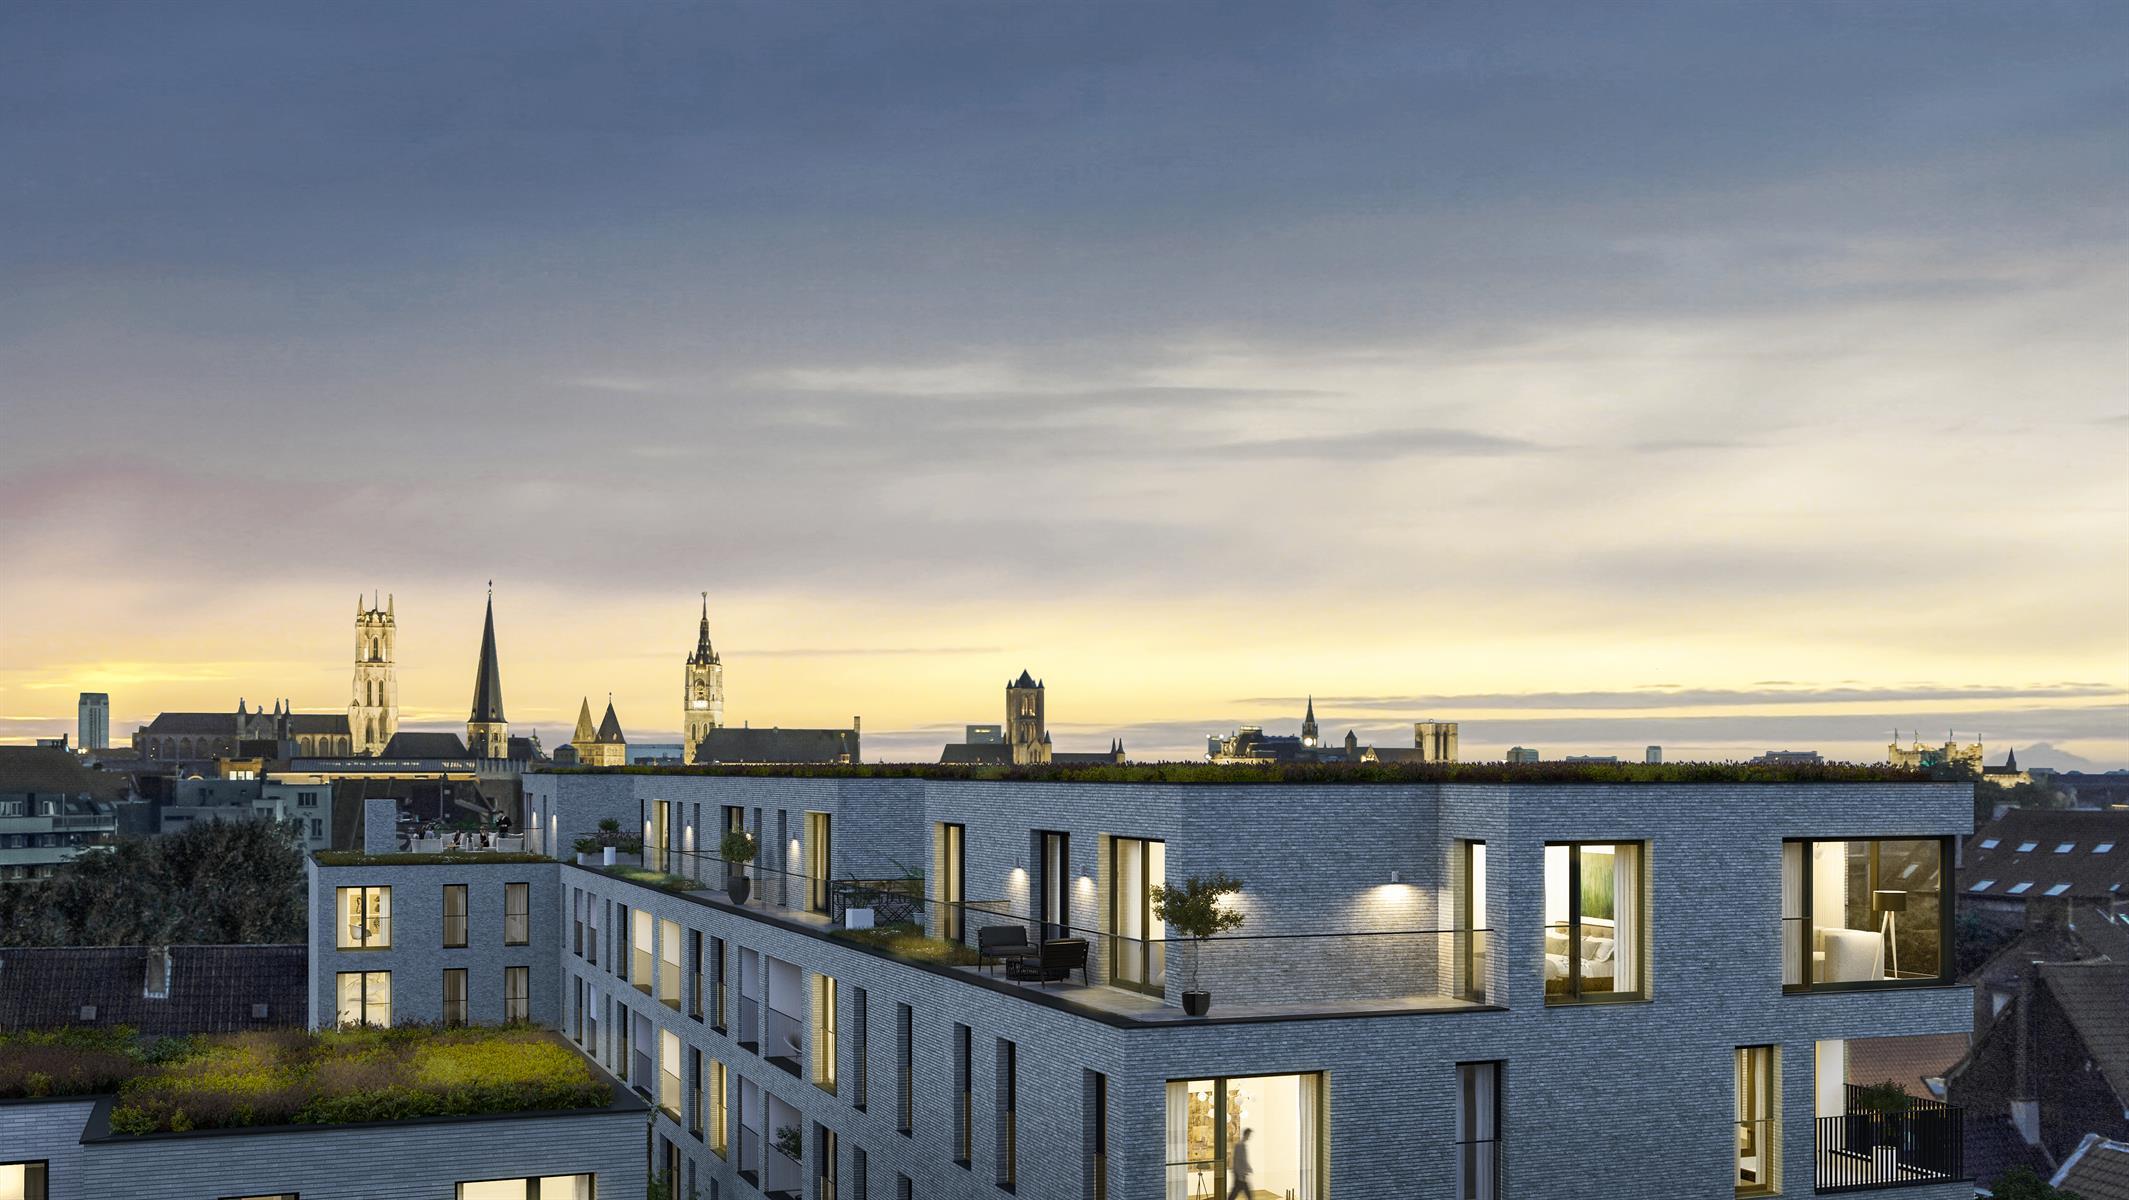 Appartement Te koop Gent Project Nieuwland - Appartementen - Nieuwland 54 - Gent